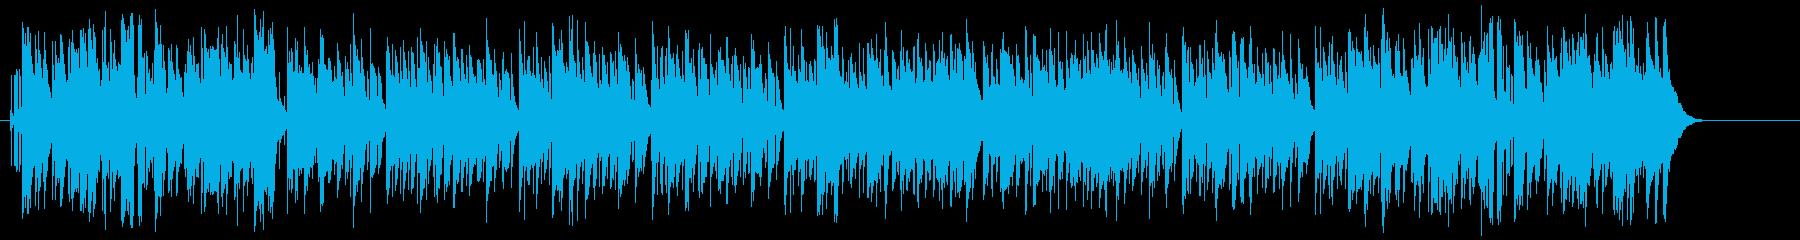 ズッコケ、コミカル、NG集向けの再生済みの波形